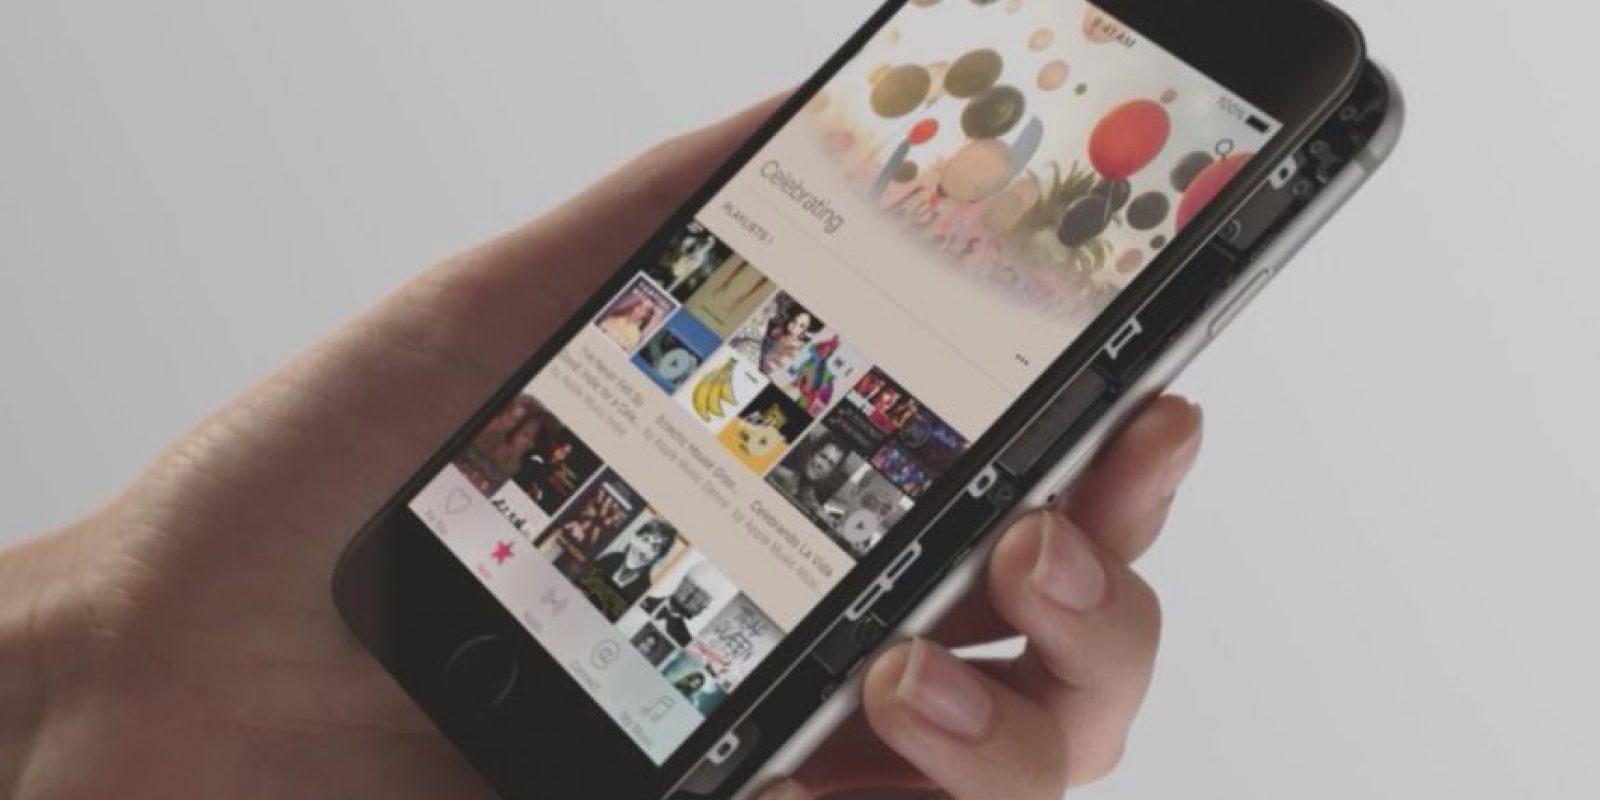 Los sensores hacen posible que funcione 3D Touch Foto:Apple